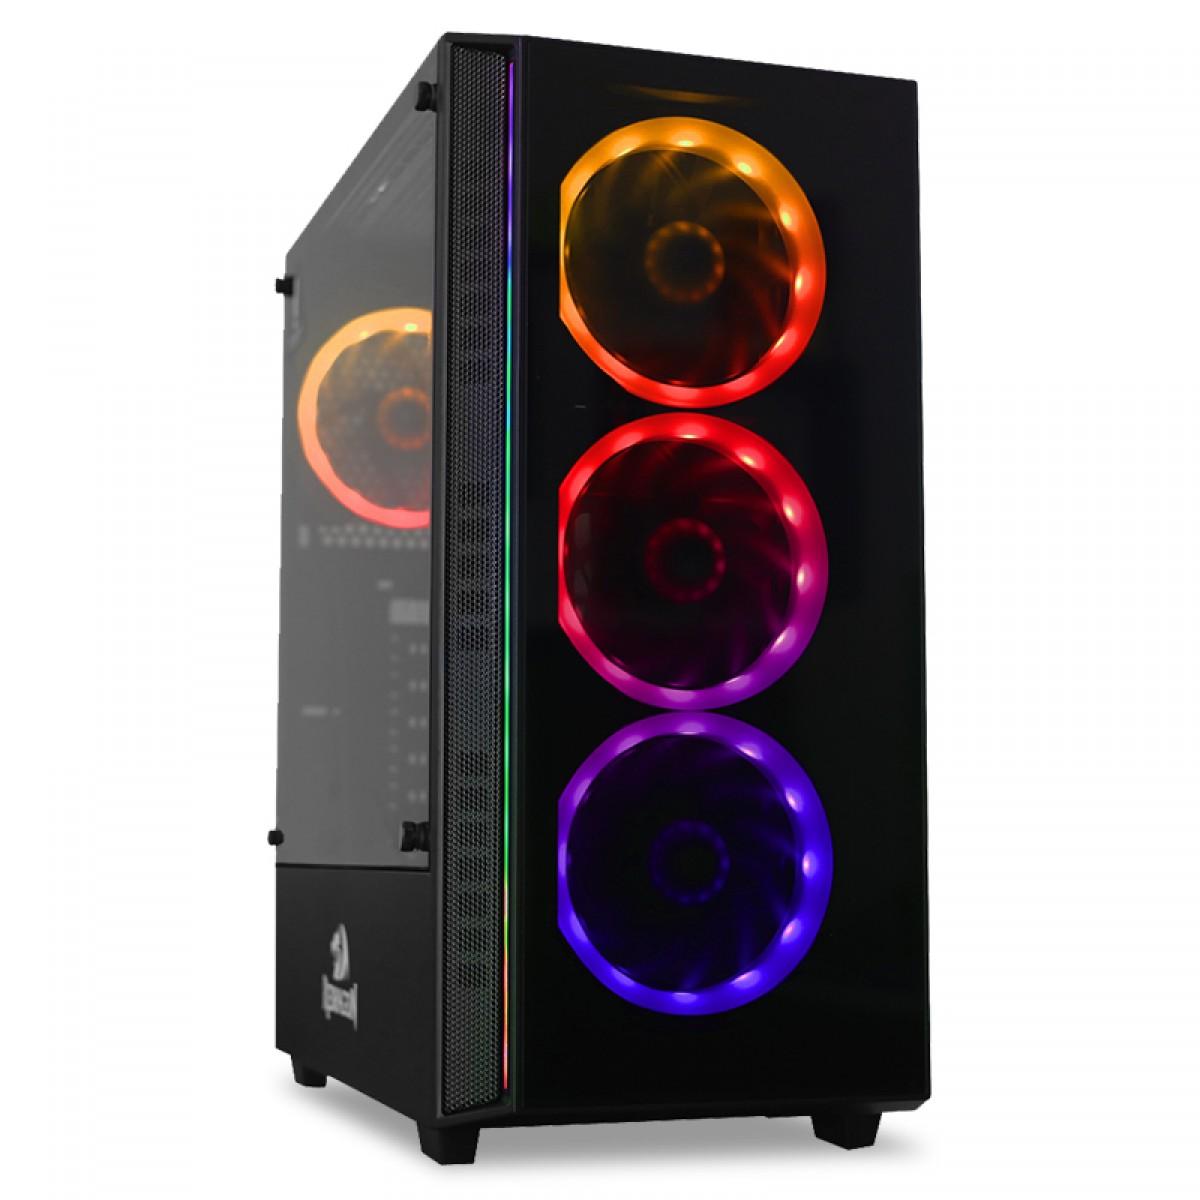 Pc Gamer Tera Edition Intel Core i5 9600KF / Radeon NAVI RX 5500 XT 8GB / DDR4 8GB / HD 1TB / 600W